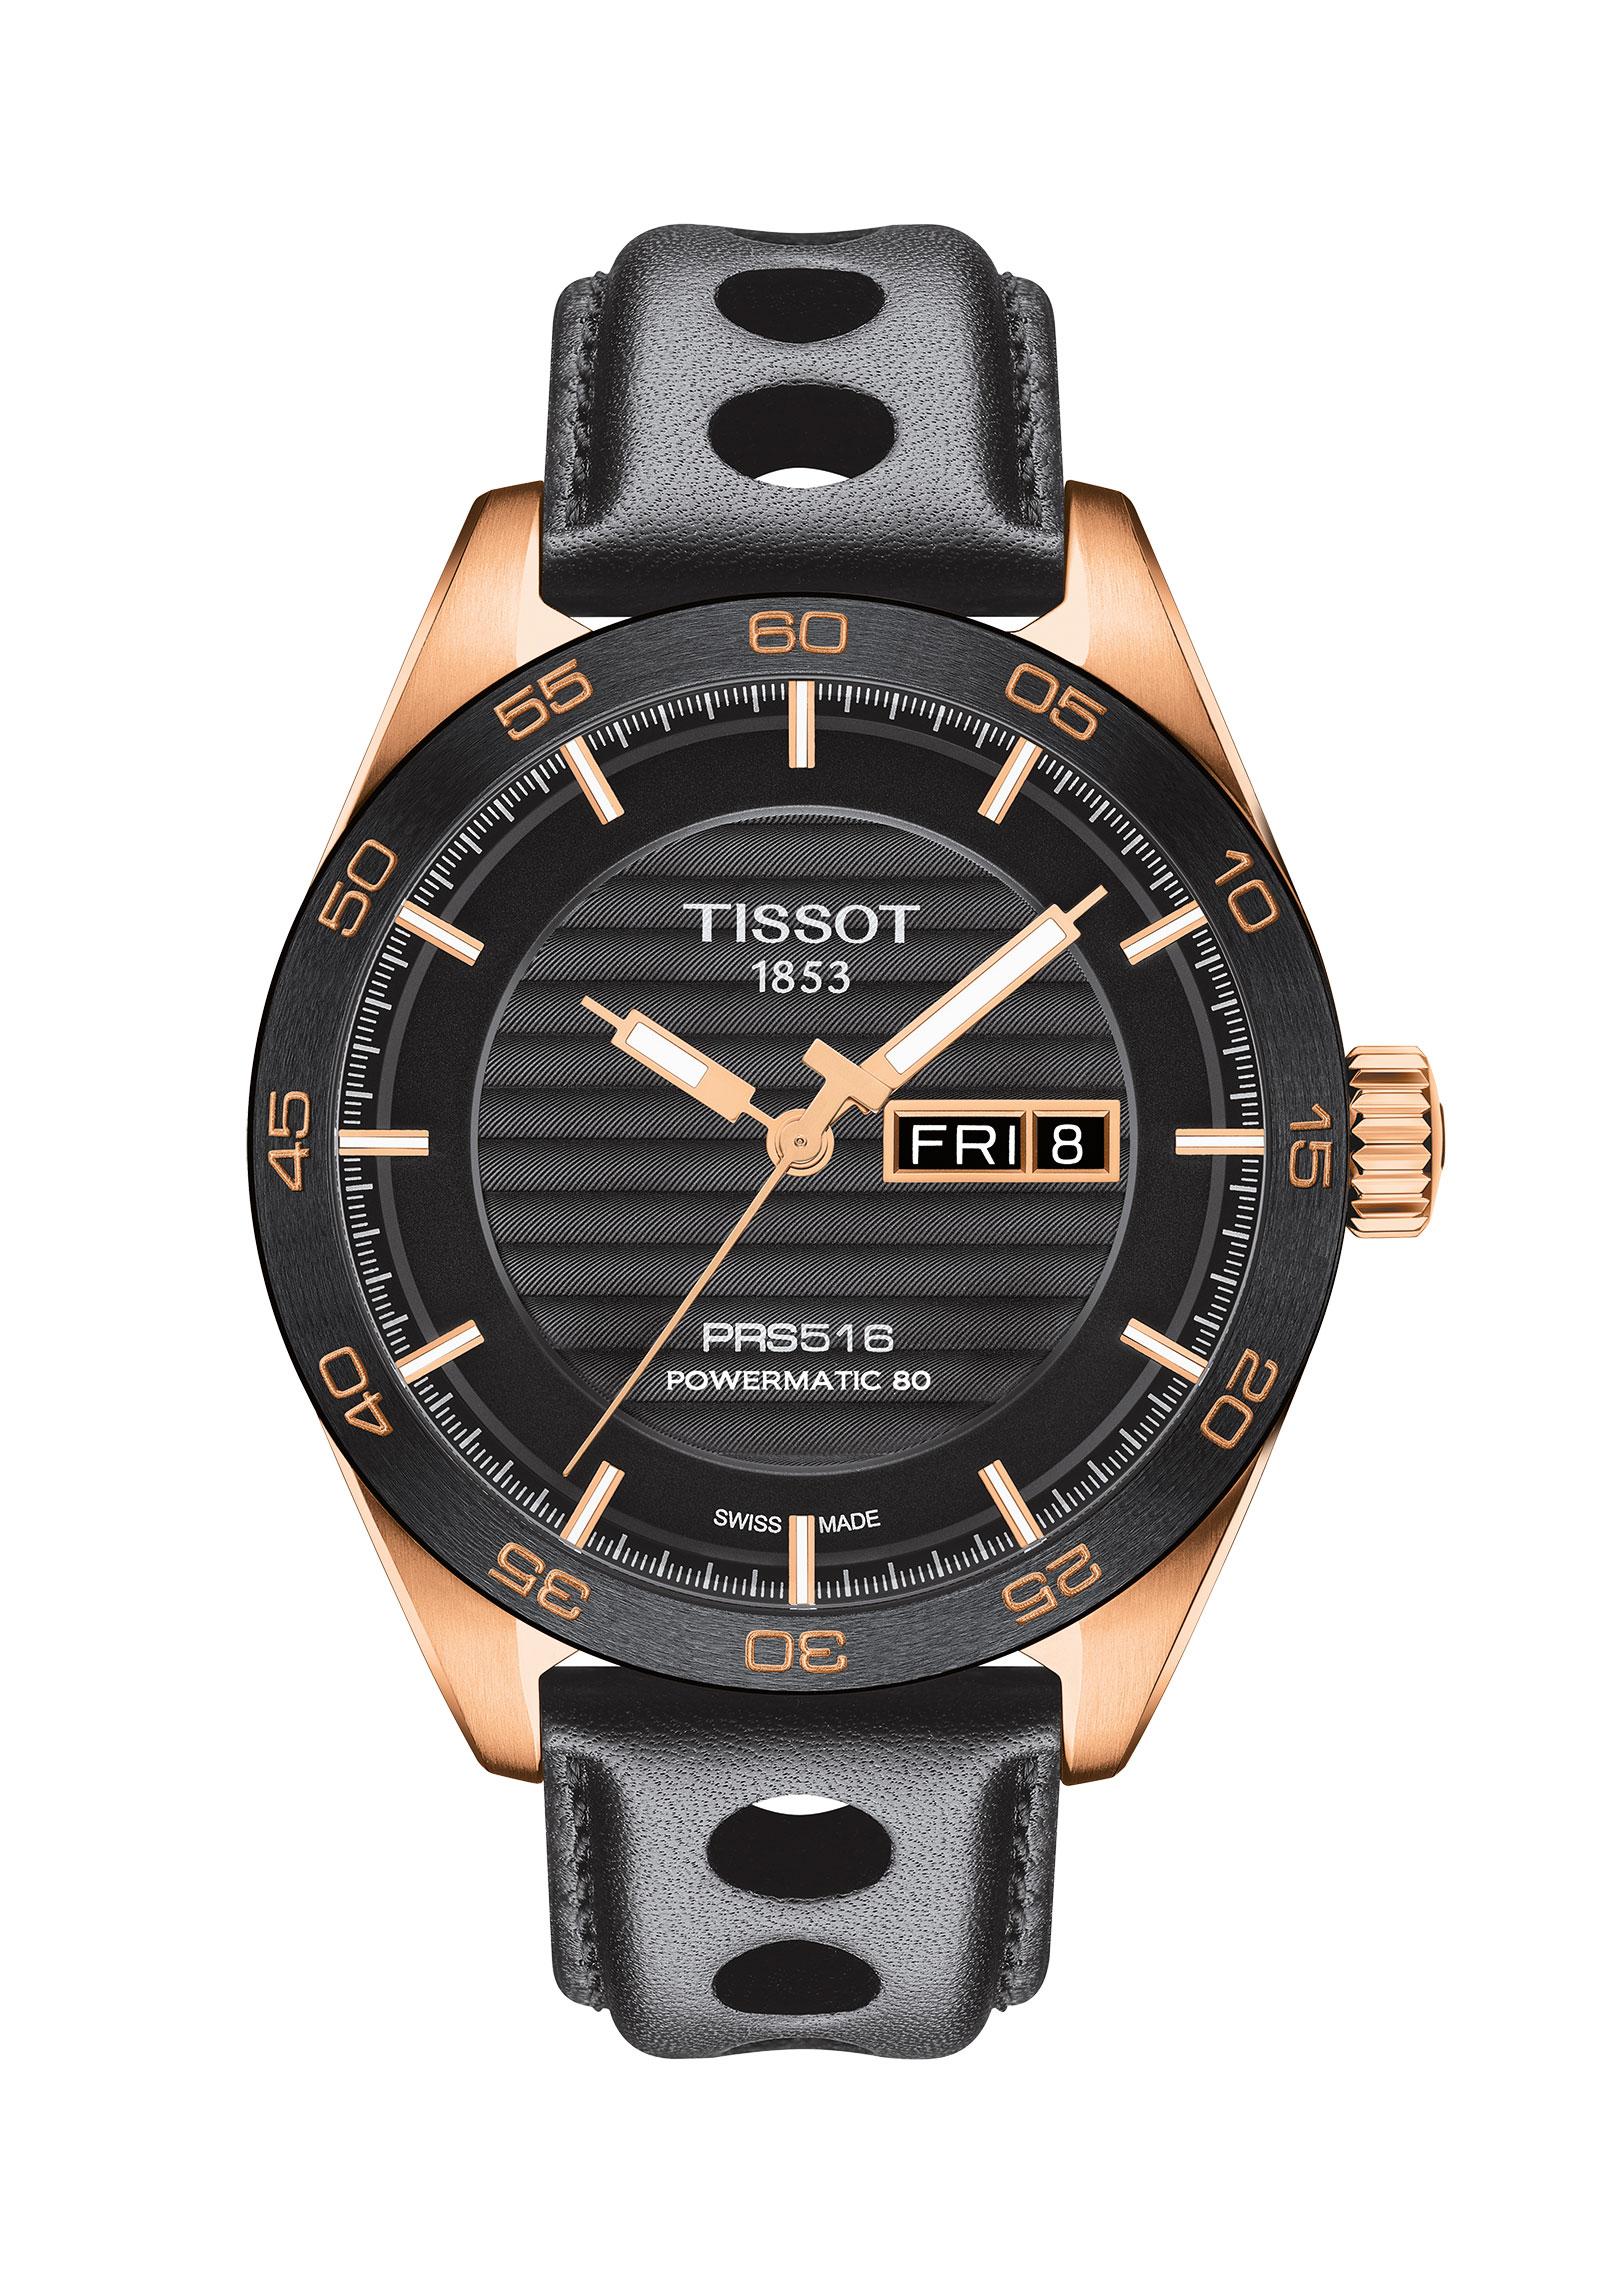 TISSOT T1004303605100 PRS 516 Automatic TISSOT PRS 516